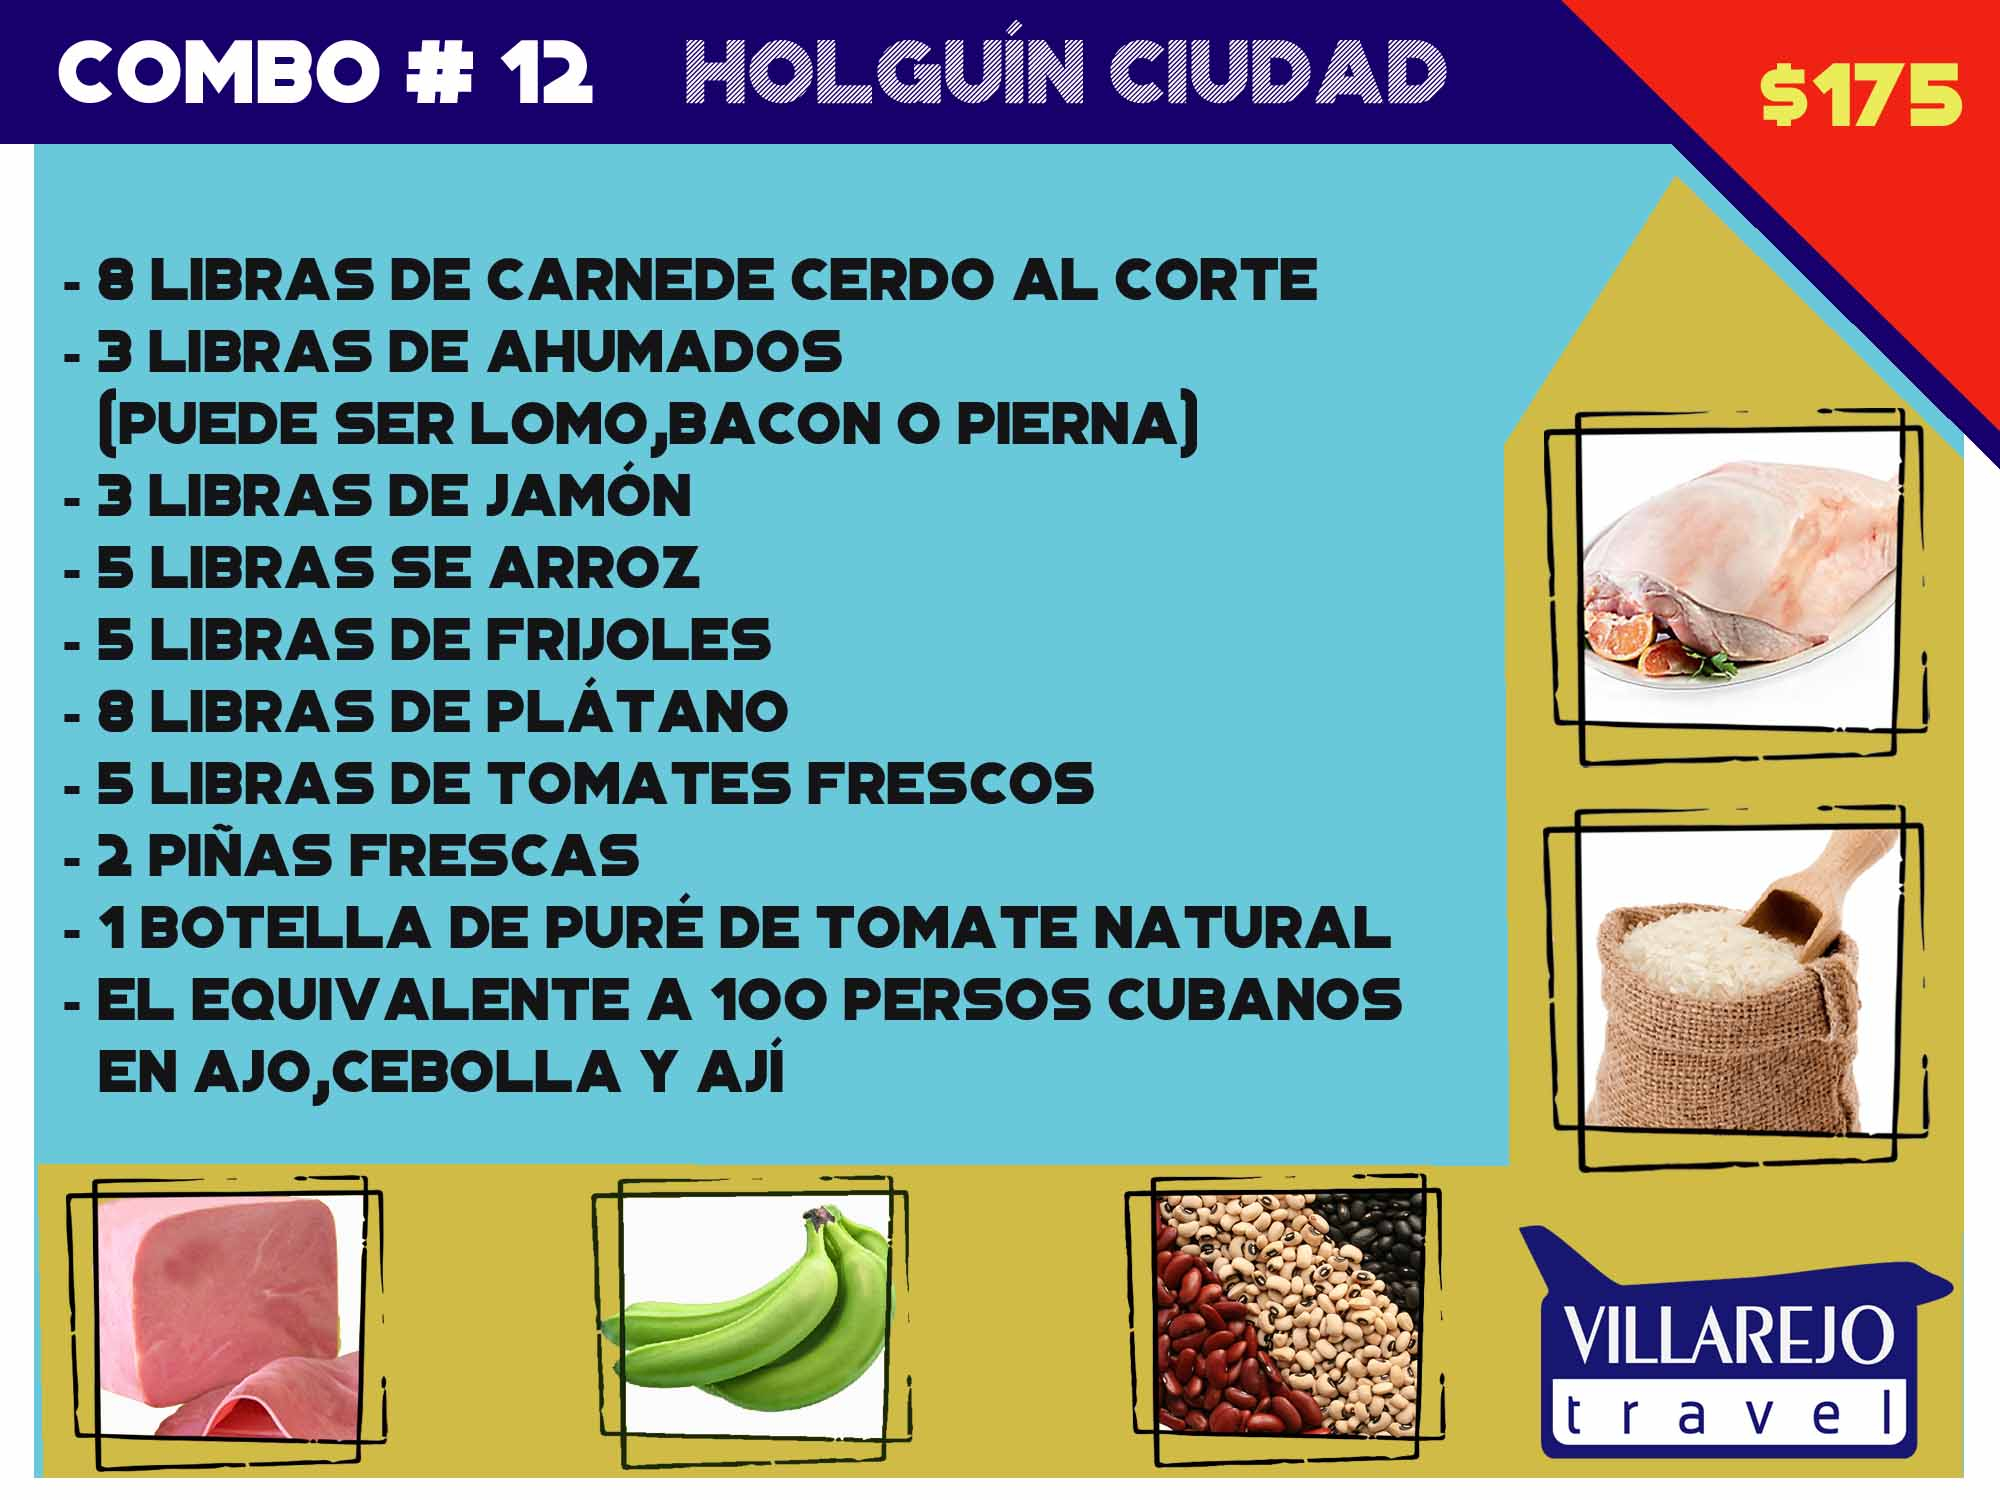 COMBO # 12 HOLGUÍN CIUDAD